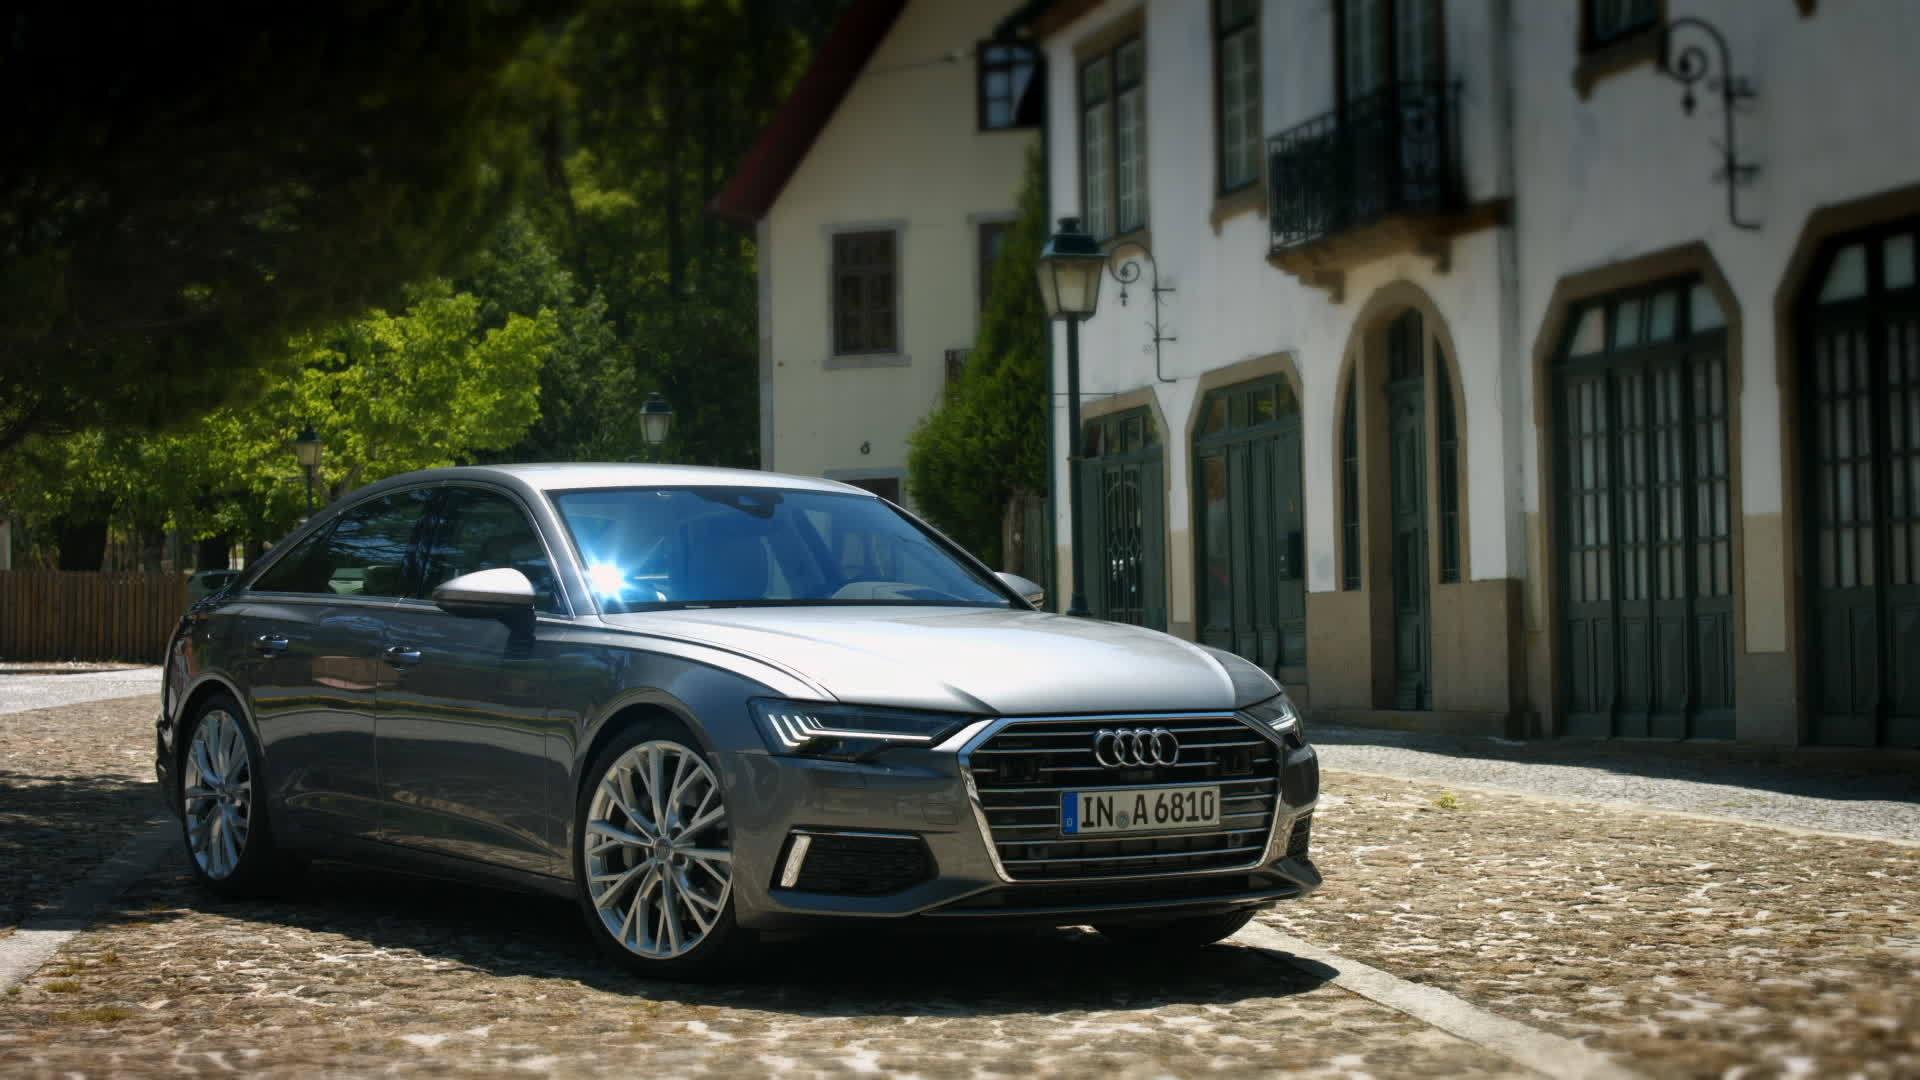 Audi A6 Sedan on Location